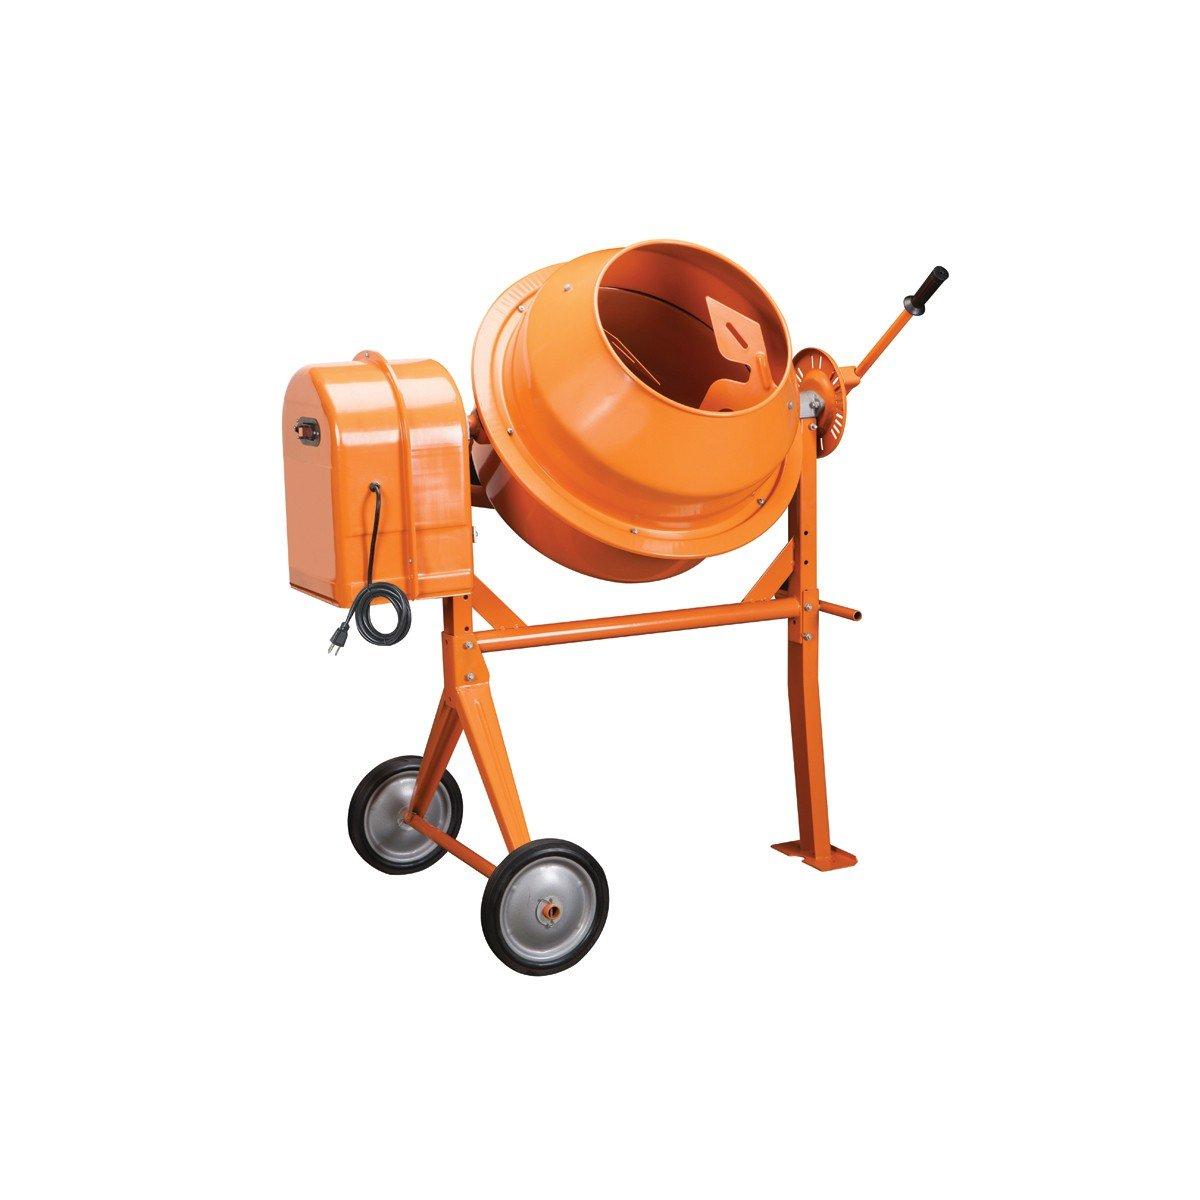 Amazon.com: 1/3 Hp Electric Cement Mixer 3.5 Cubic Ft; 10.7 Amps, 36 RPM:  Home Improvement